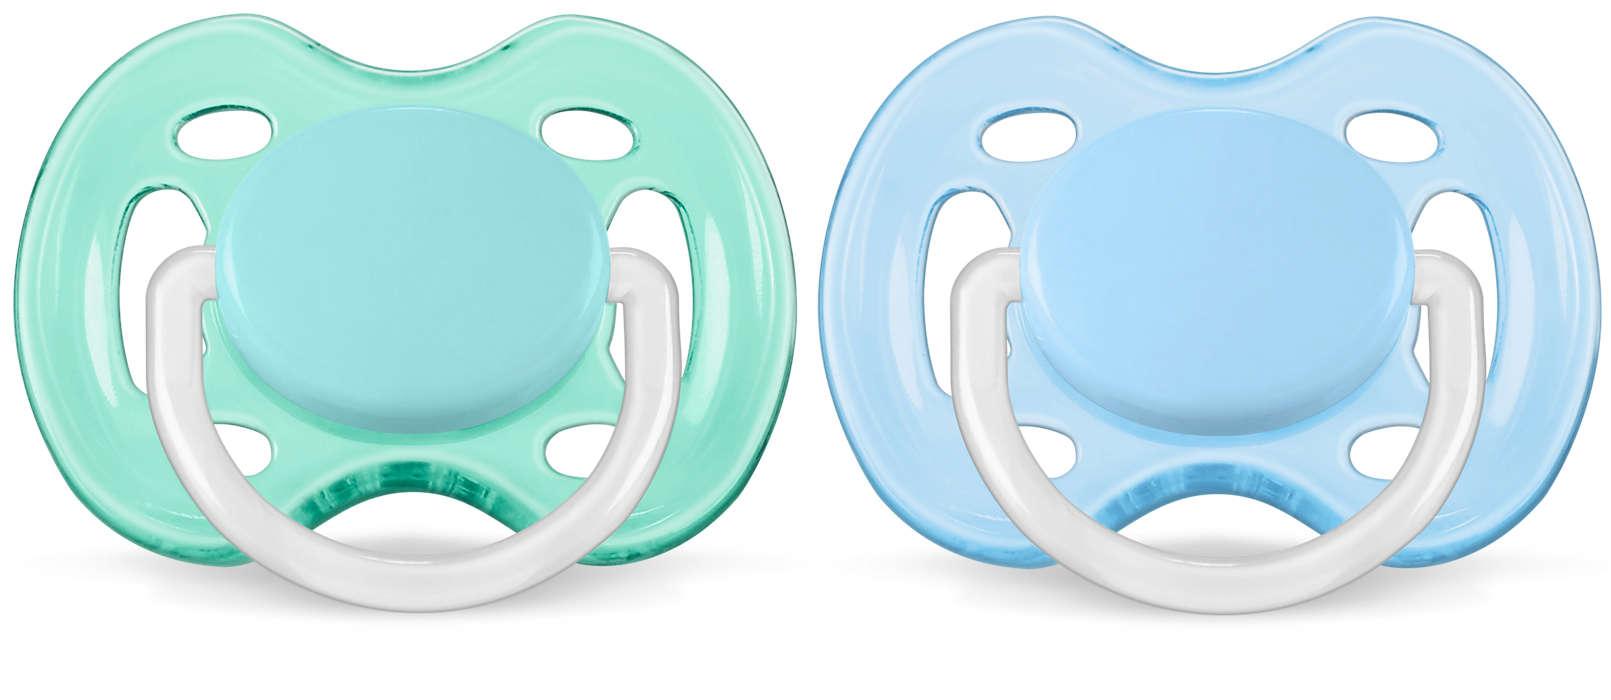 Ekstra luftgjennomstrømming for babyhud